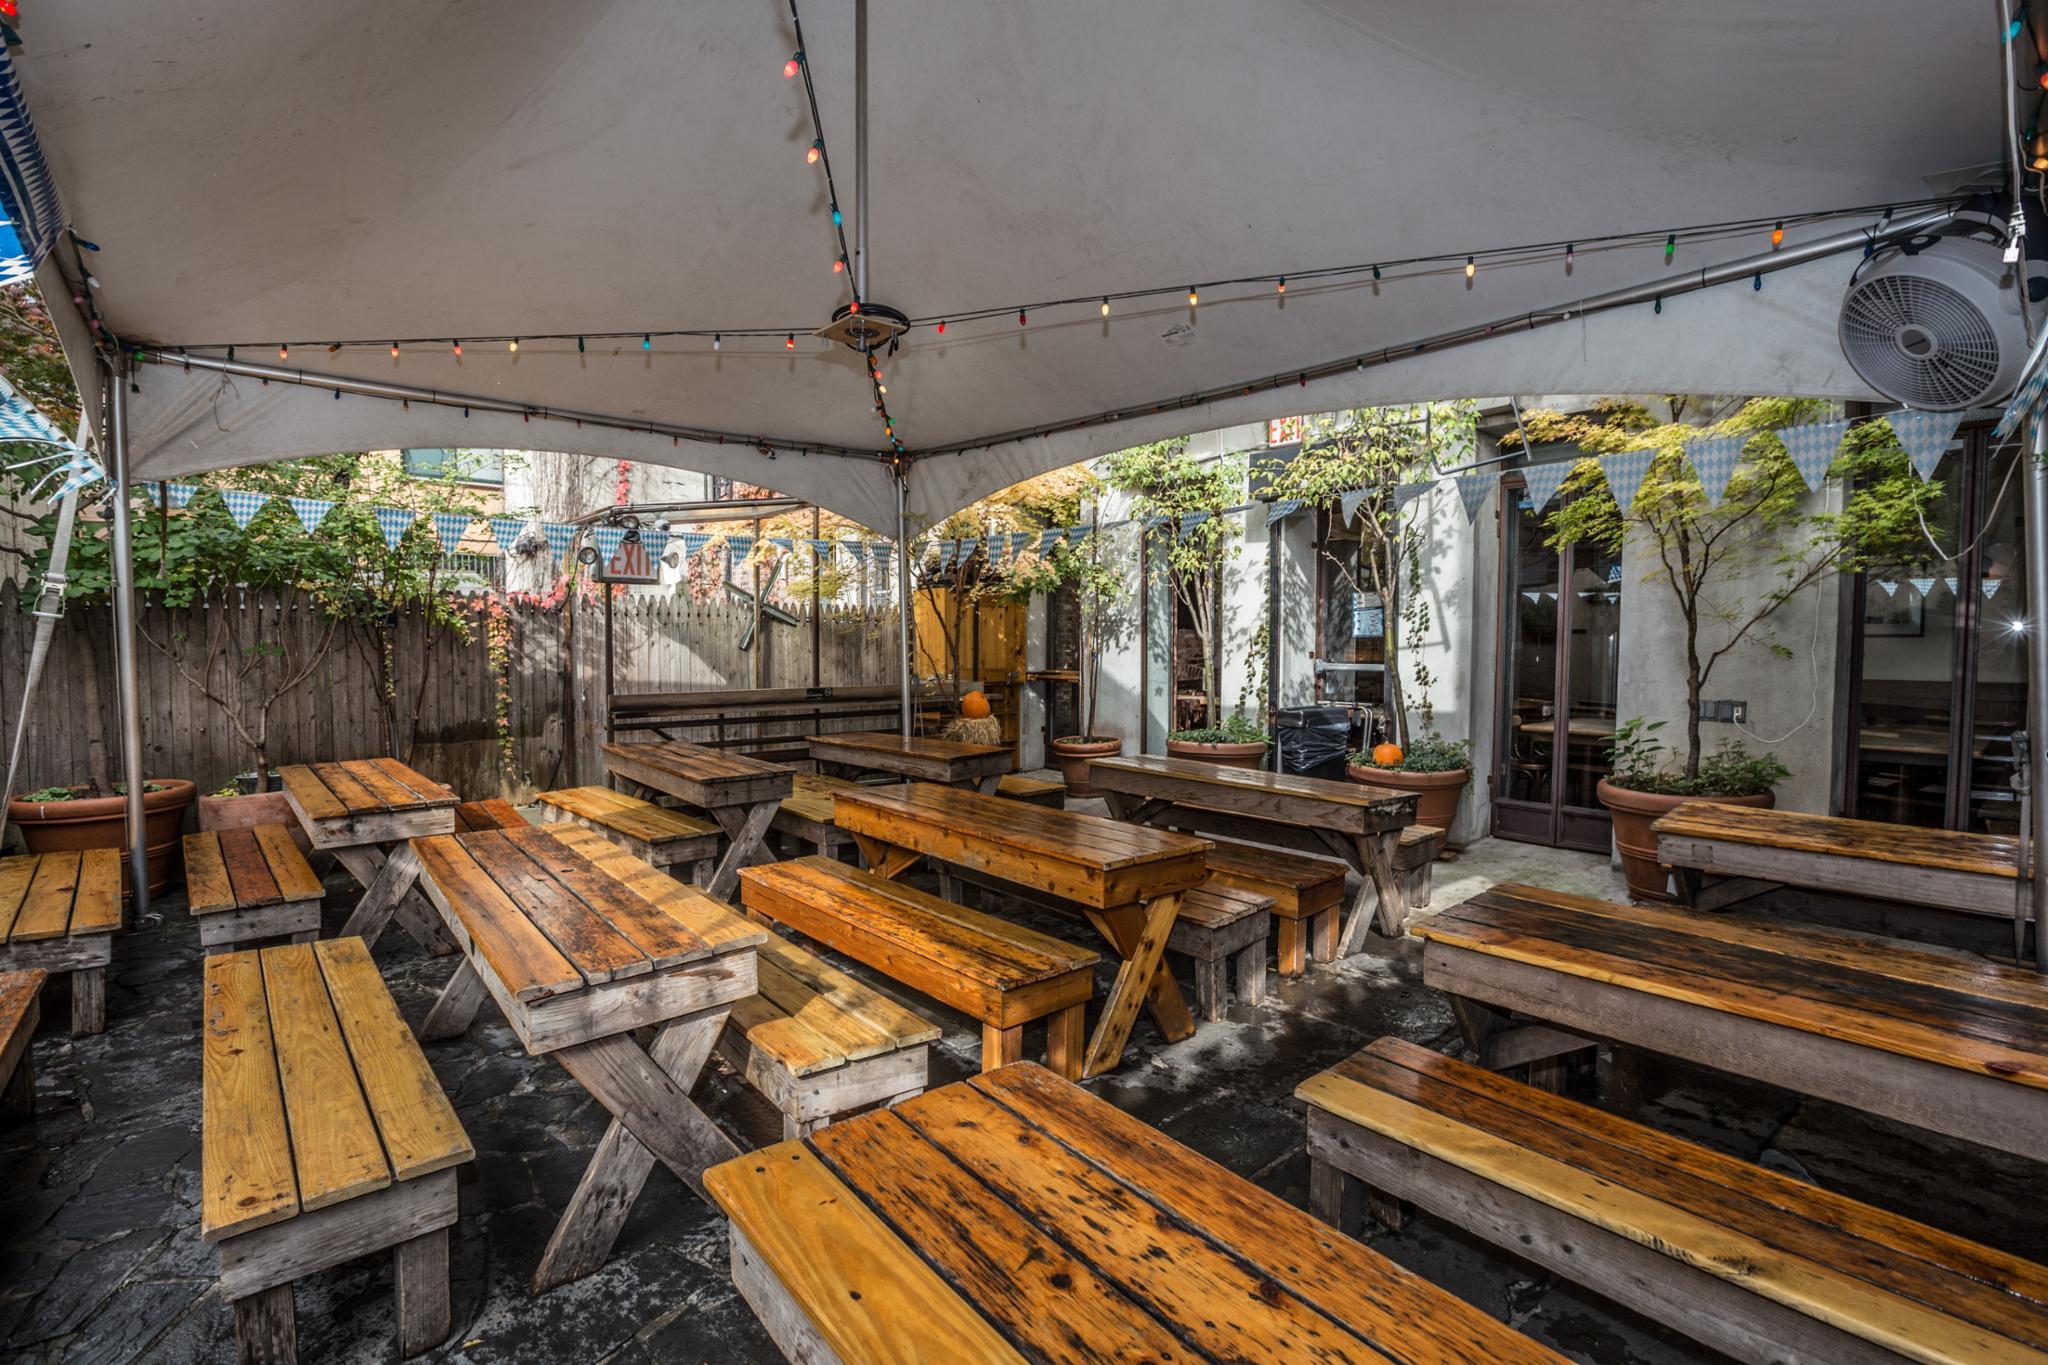 Kaitlin Menza Best Biergarten Nyc Beer Gardens In New York